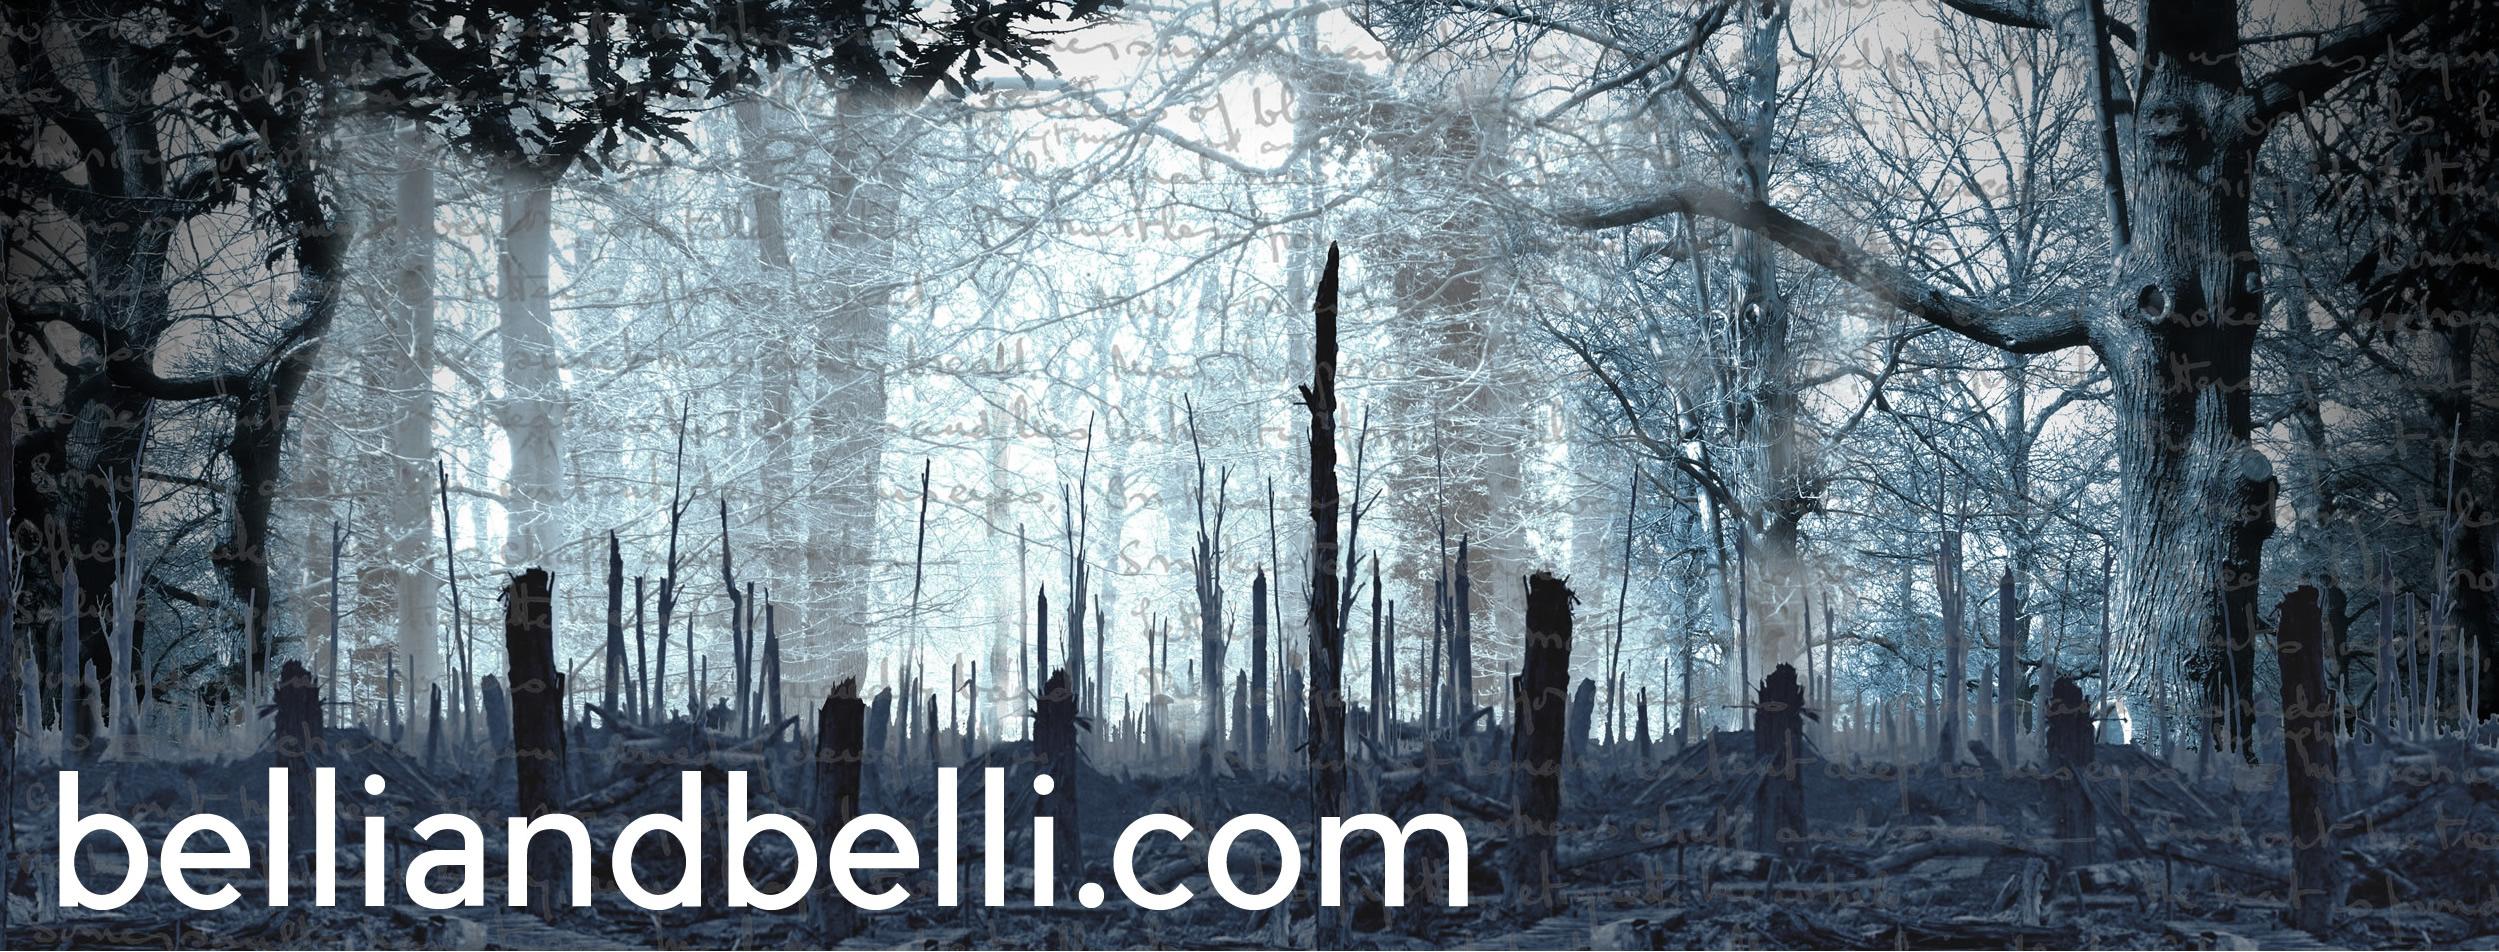 Visit BelliandBelli.com